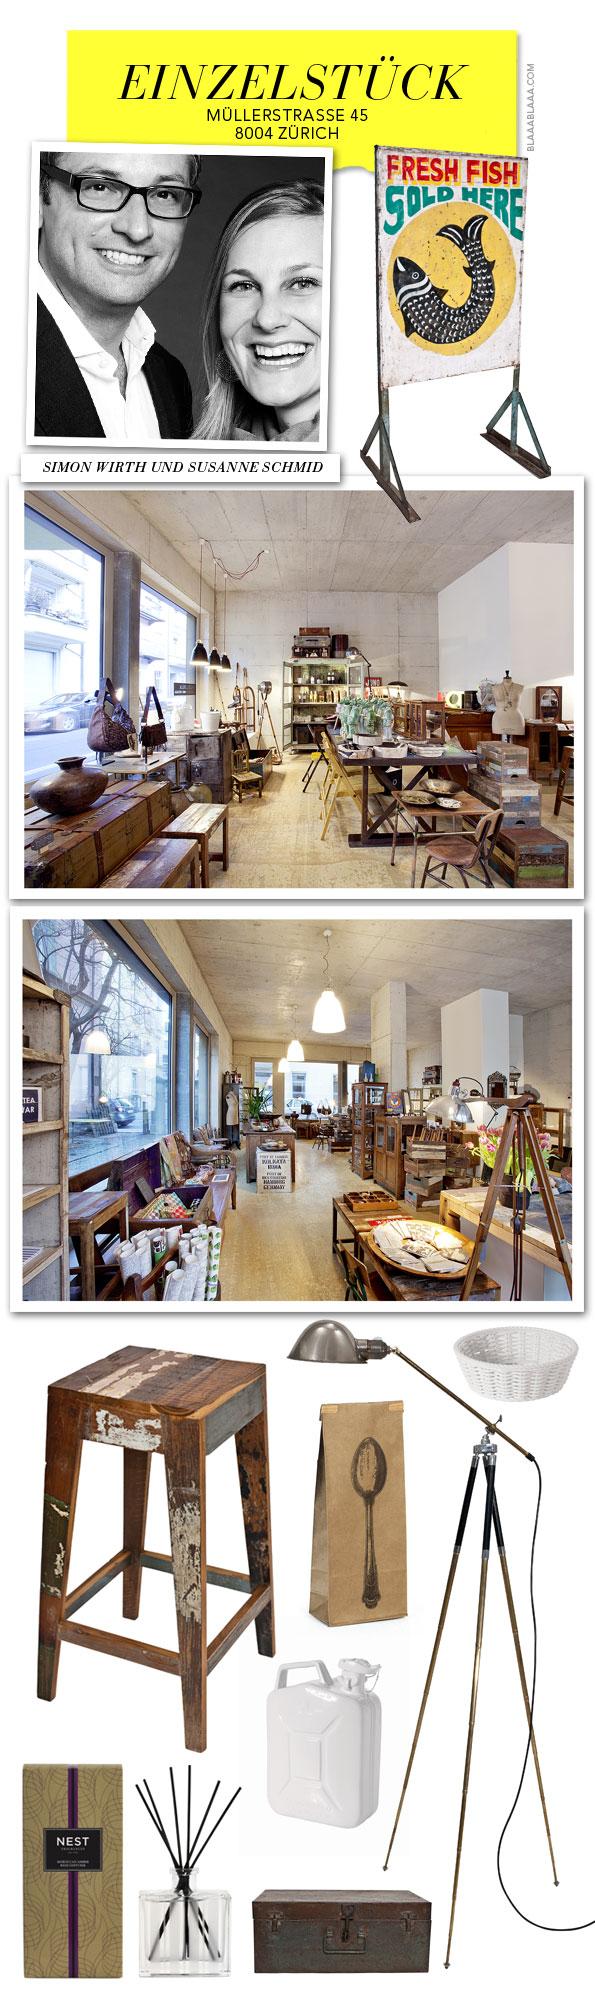 vintage bilderrahmen zurich bilderrahmen ideen. Black Bedroom Furniture Sets. Home Design Ideas